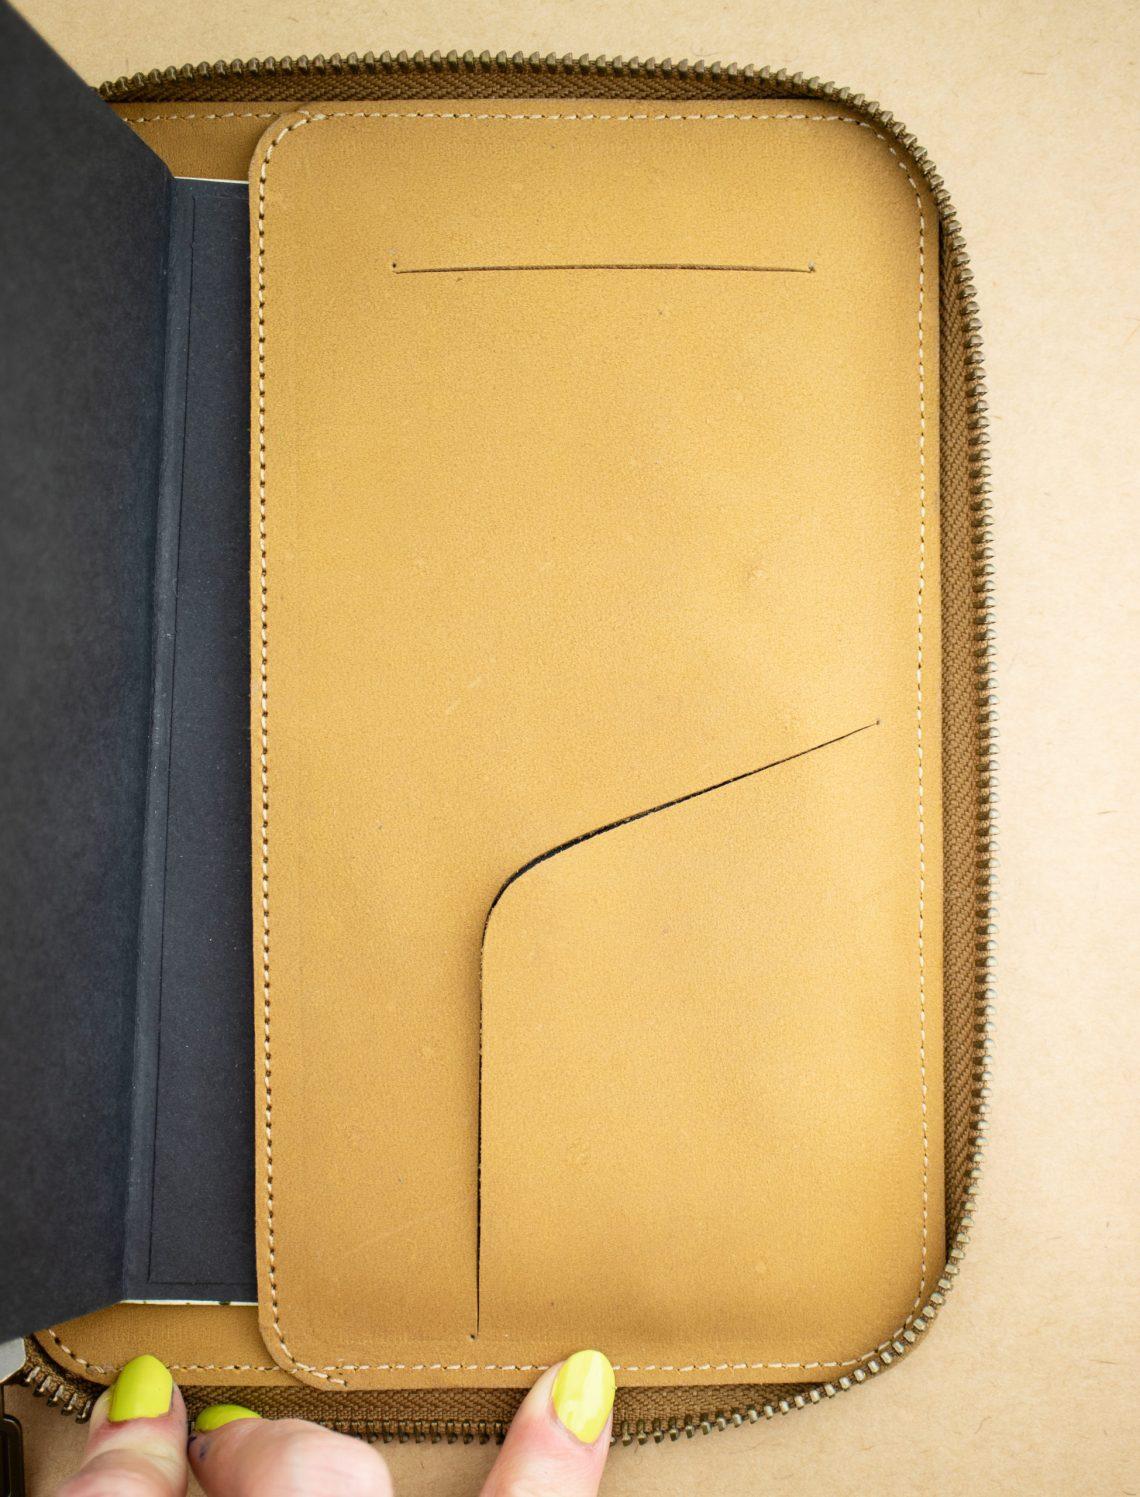 Shibui A6 Notebook Case